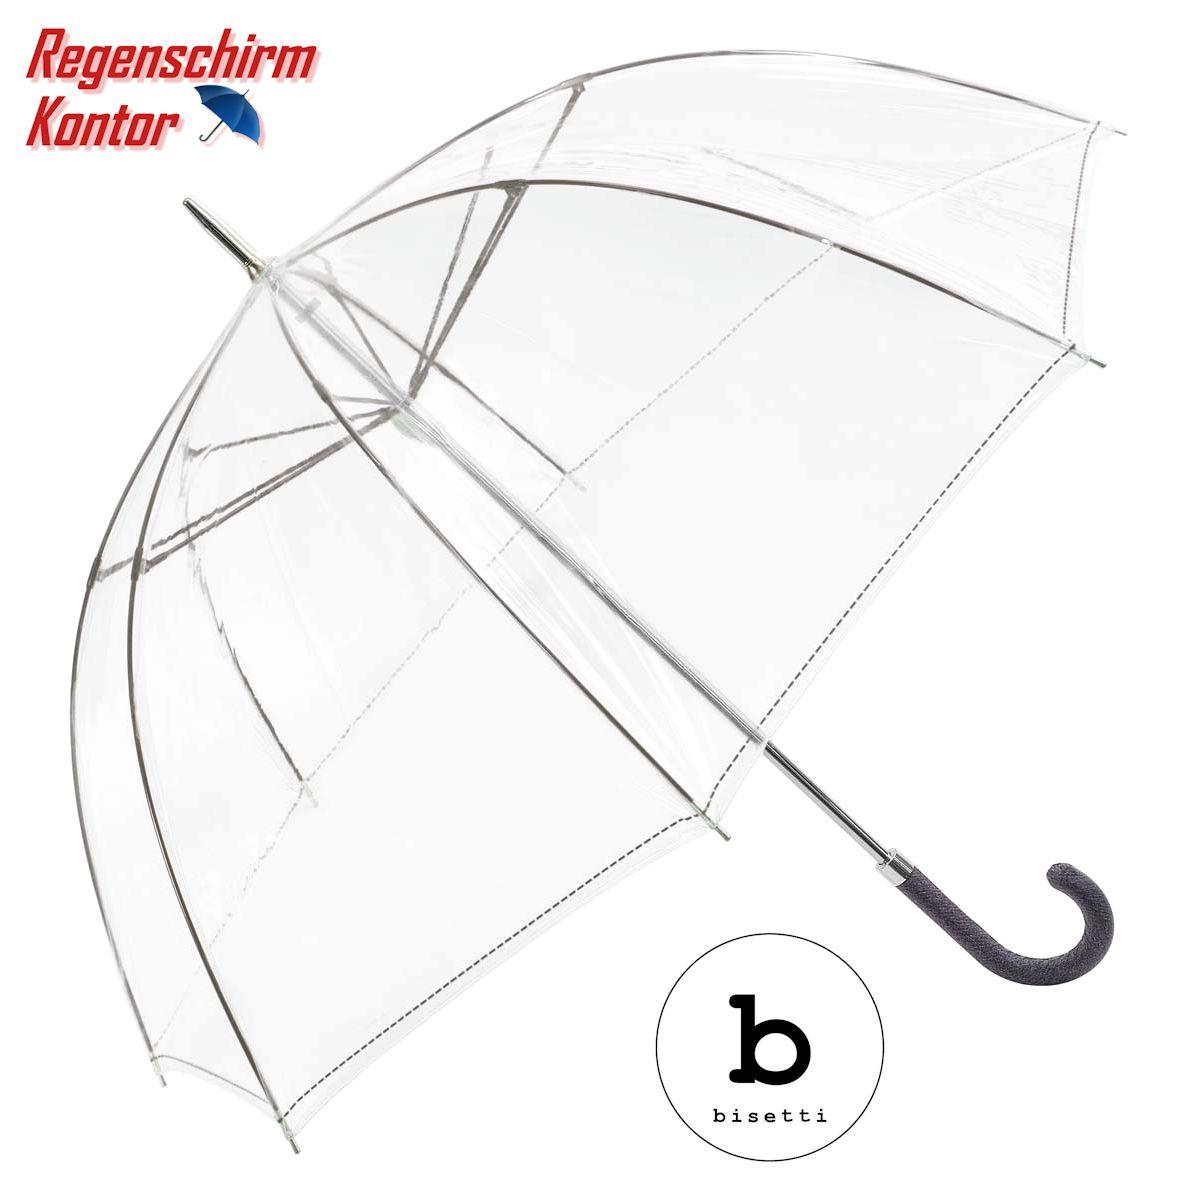 Bisetti Regenschirm transparent durchsichtig